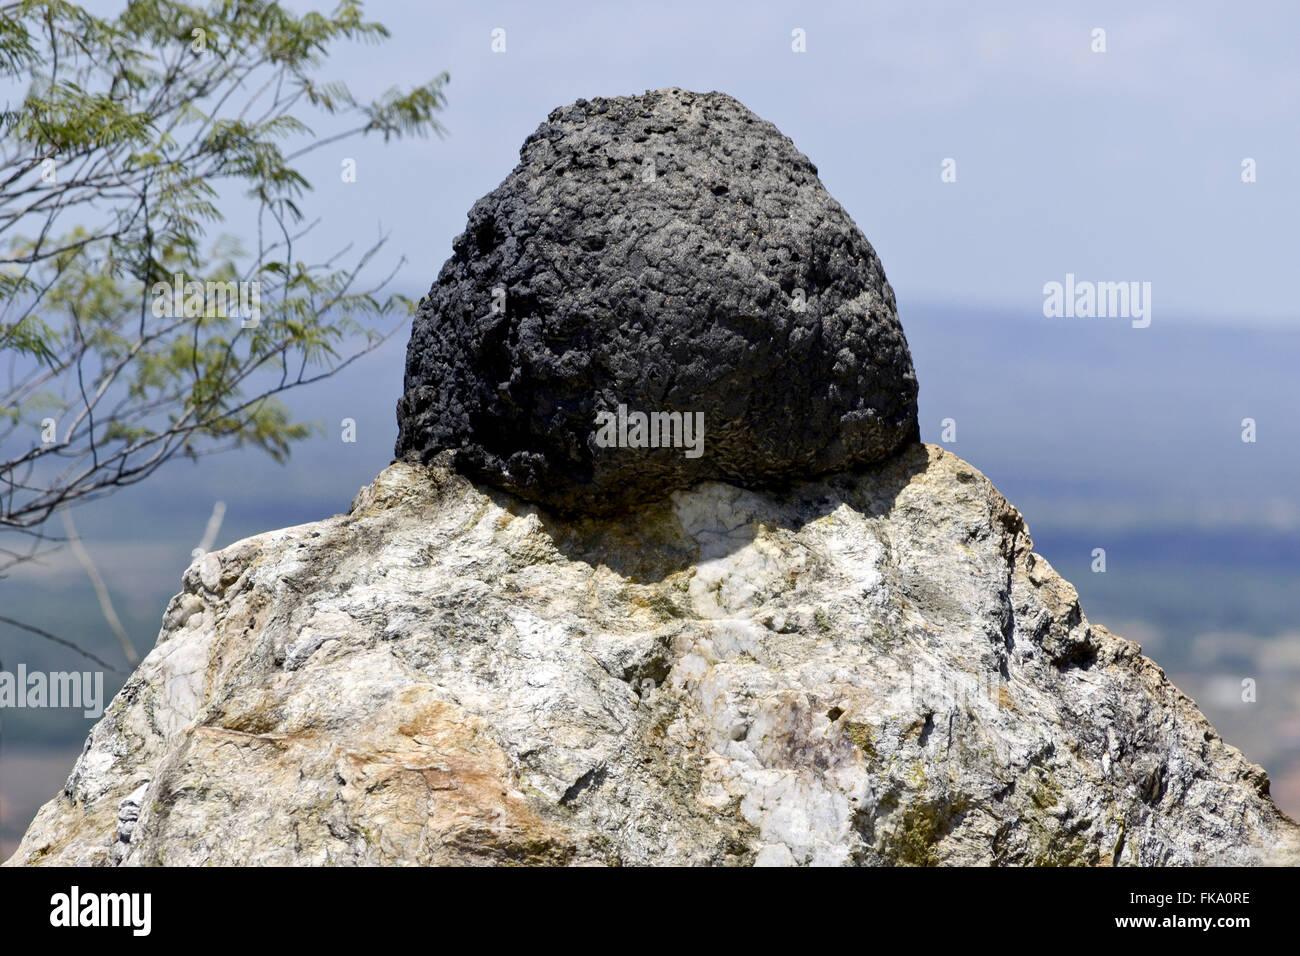 Mound rock - Stock Image